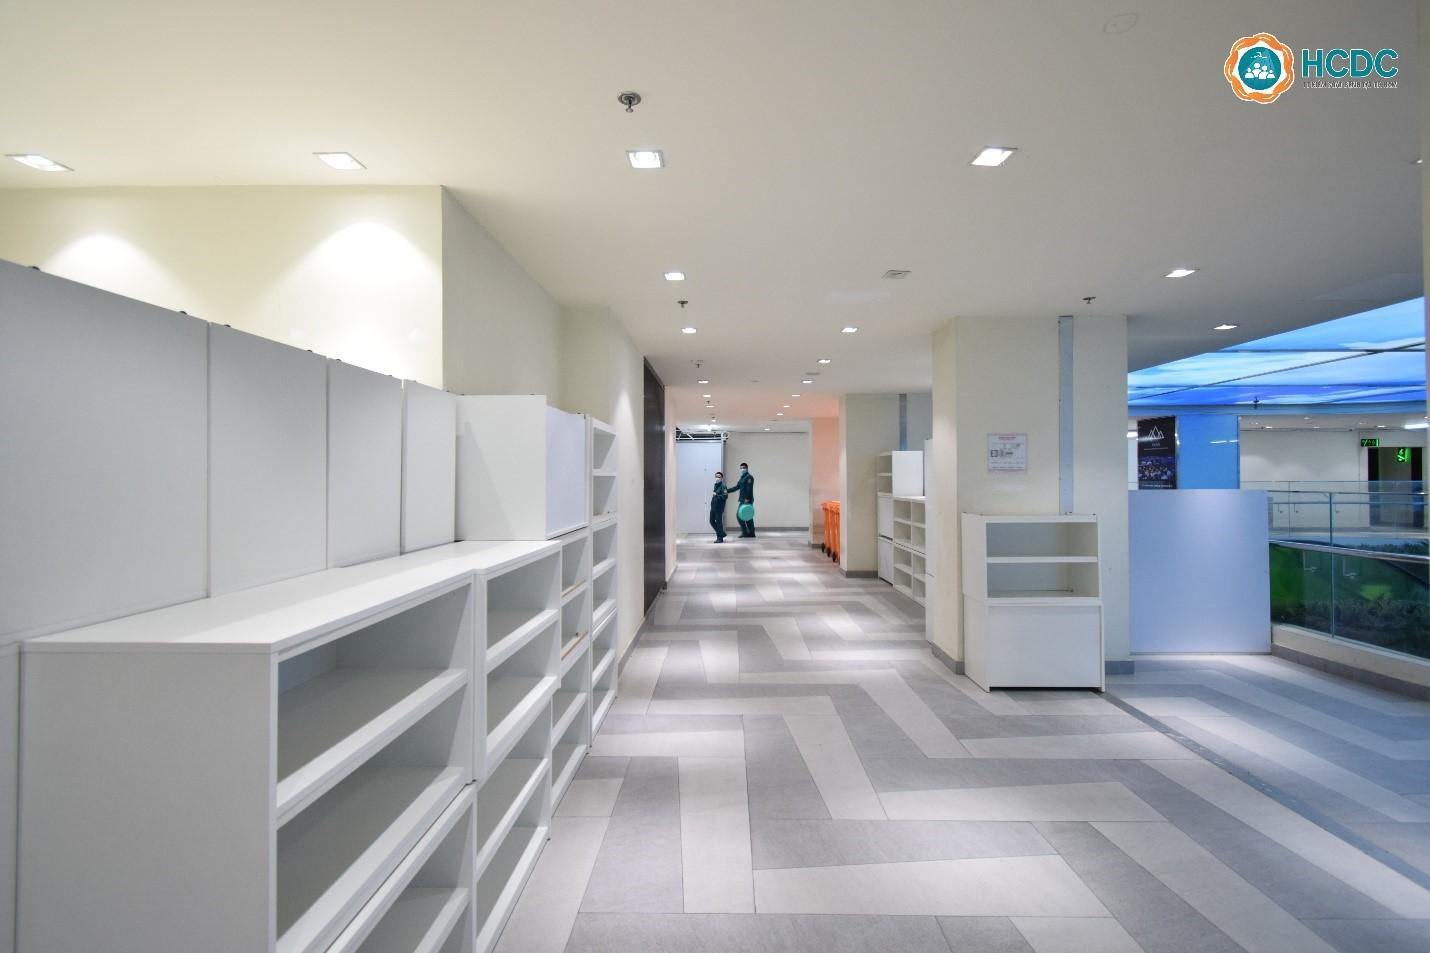 Khu vực hành lang thông thoáng tại Bệnh viện dã chiến số 5. Ảnh: HCDC